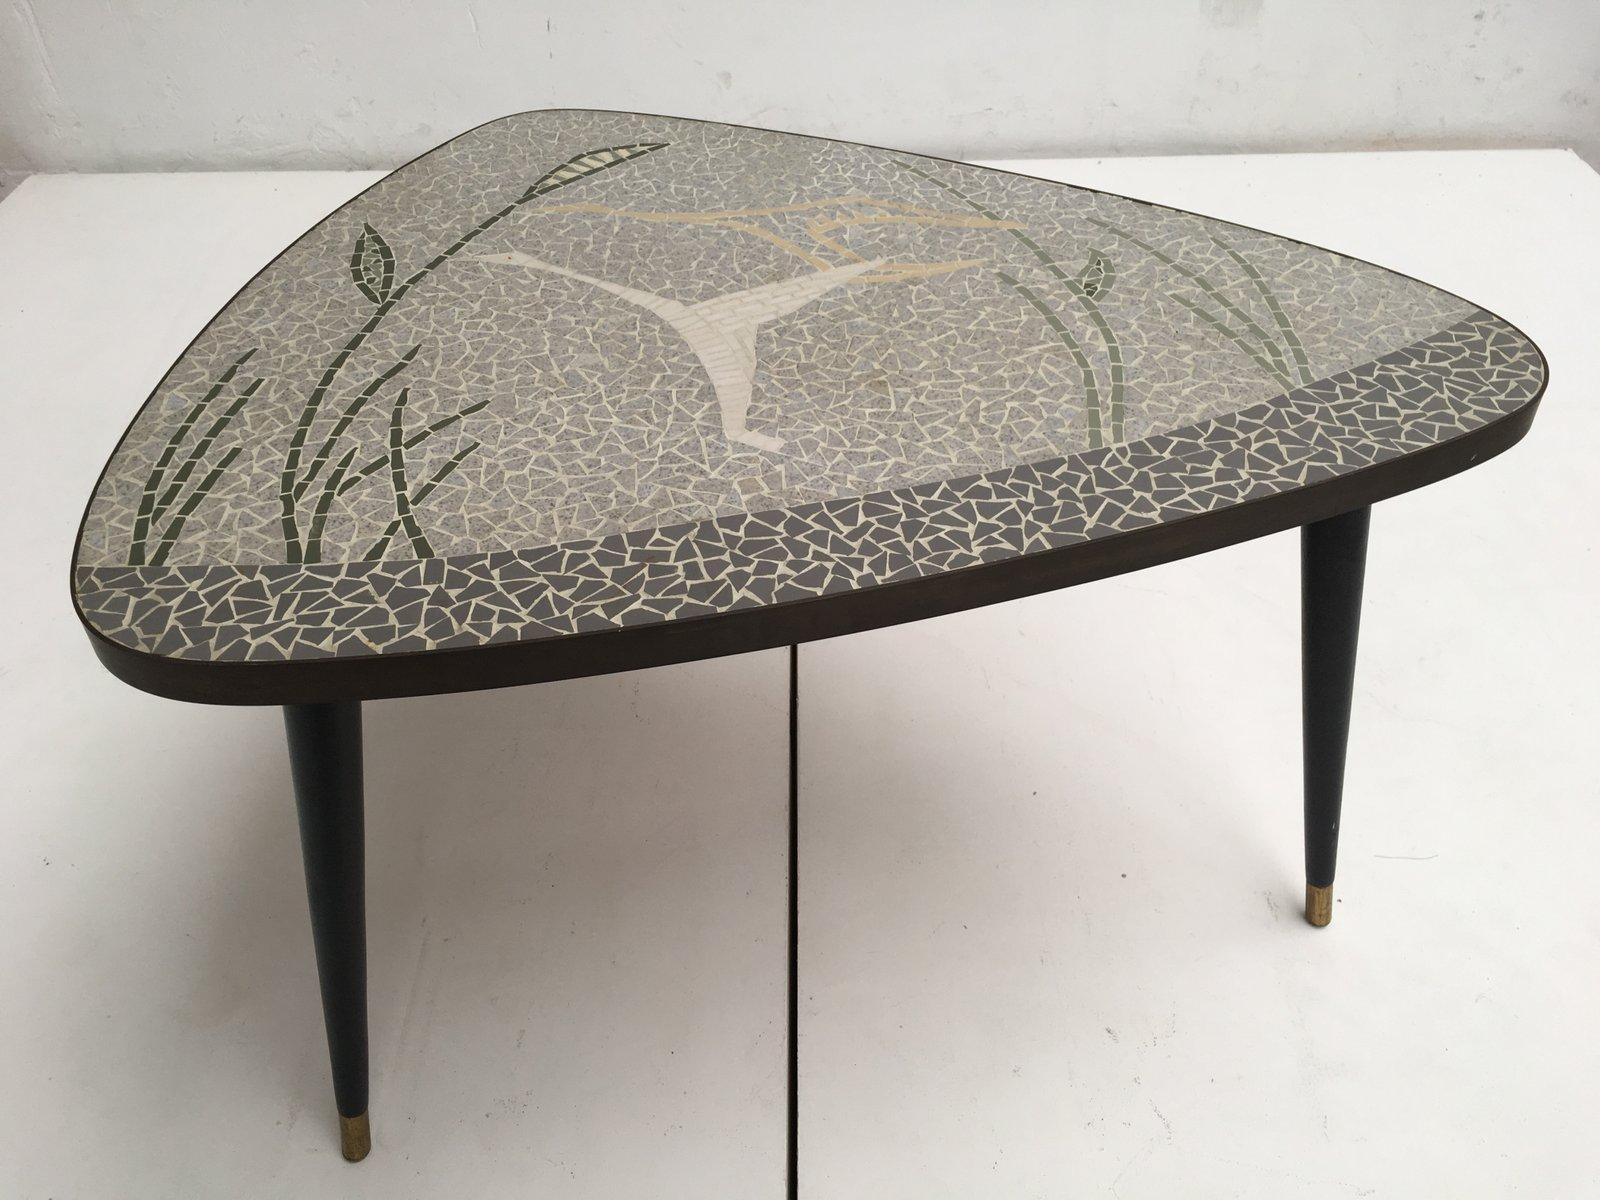 Deutscher Couchtisch aus Messing & Mosaik mit Fliegendem Vogel, 1950er